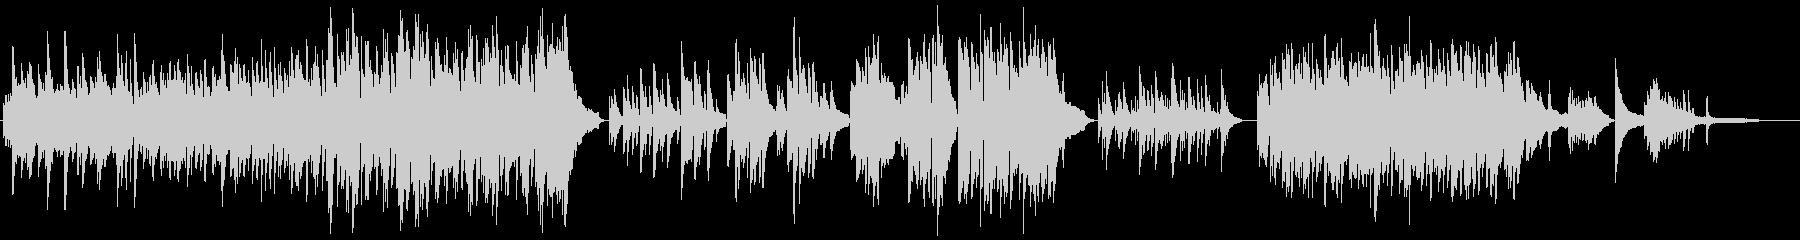 感動的な和風ピアノインストゥルメンタルの未再生の波形